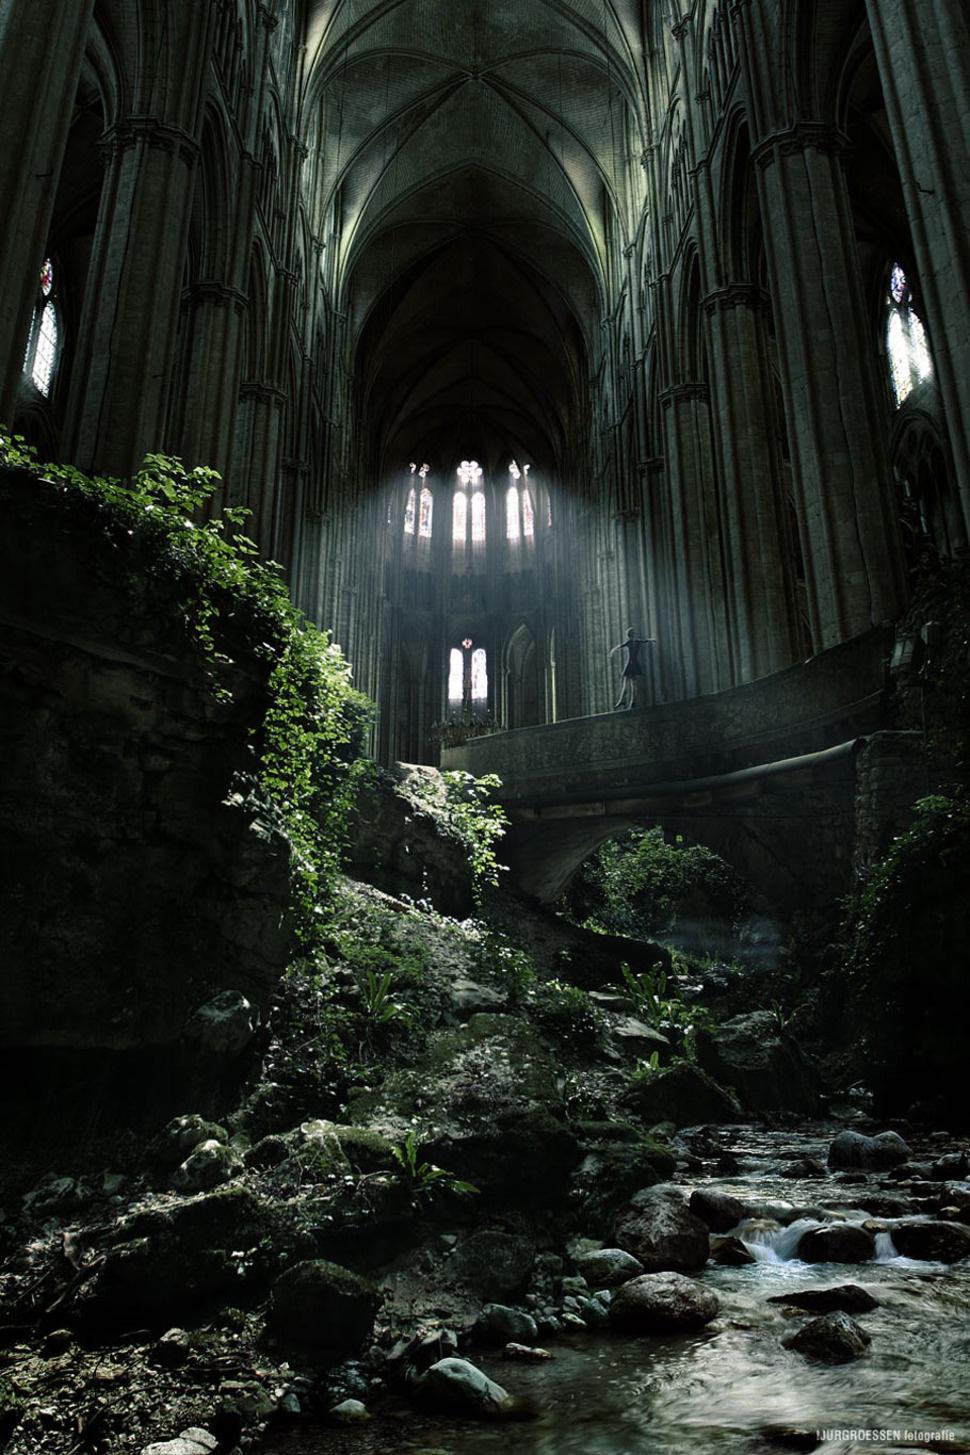 Εκεί που η φύση νίκησε τον πολιτισμό... Ανατριχιαστικές φωτογραφίες [photos] - Φωτογραφία 18